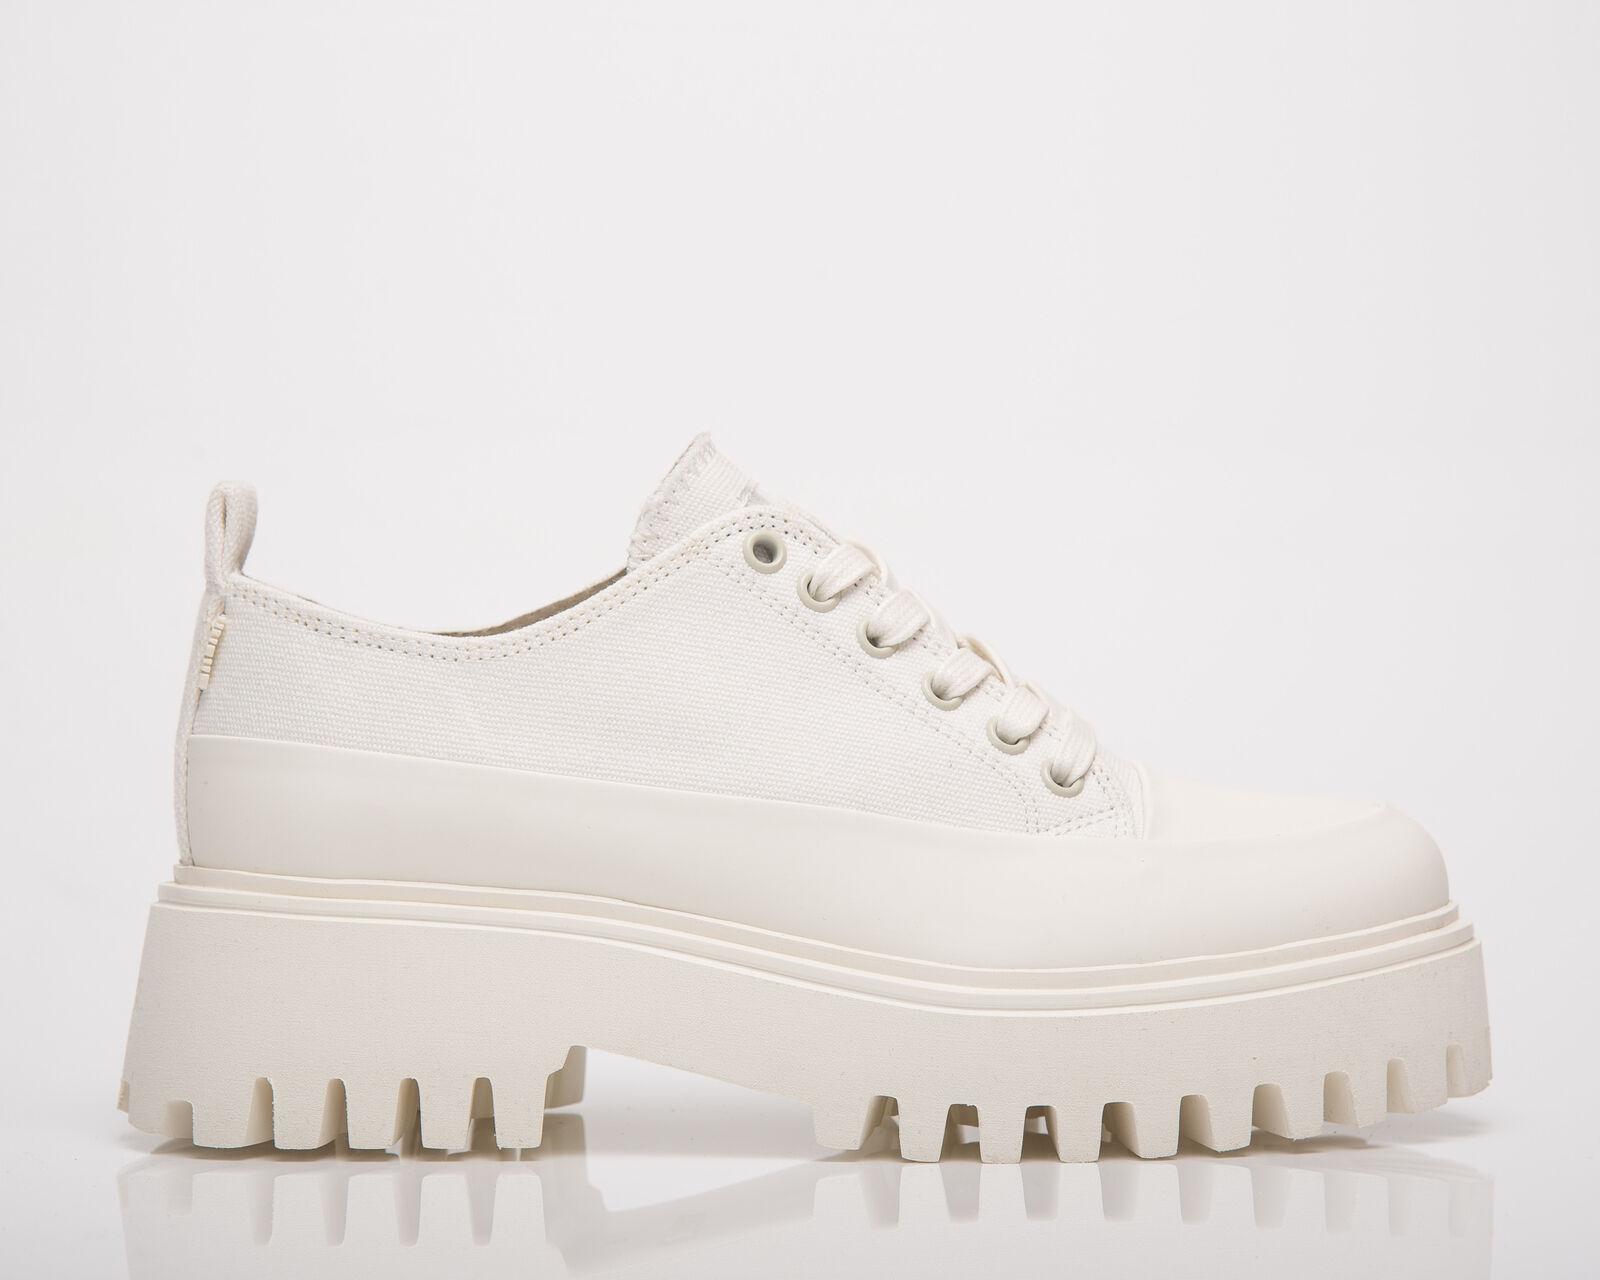 BRONX Groov-Y Lace Up Canvas Femmes Blanc Bas Décontracté Vie Bottes Chaussures